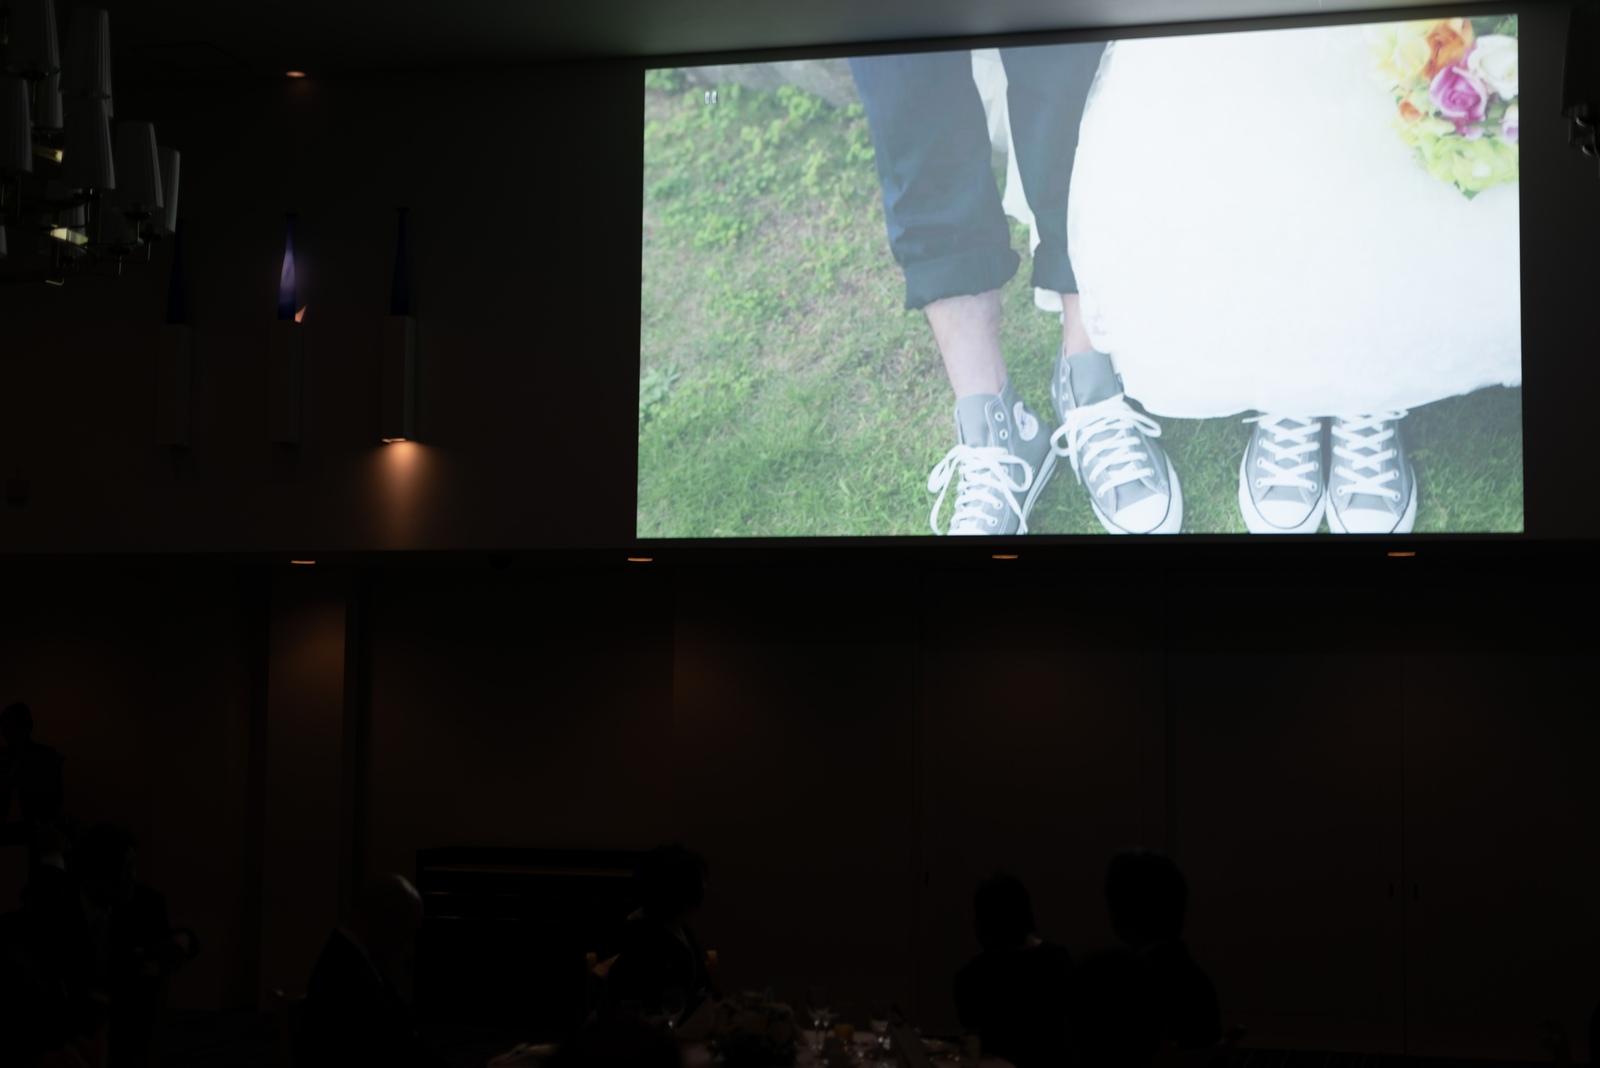 香川県の結婚式場のシェルエメール&アイスタイルのオープニング映像